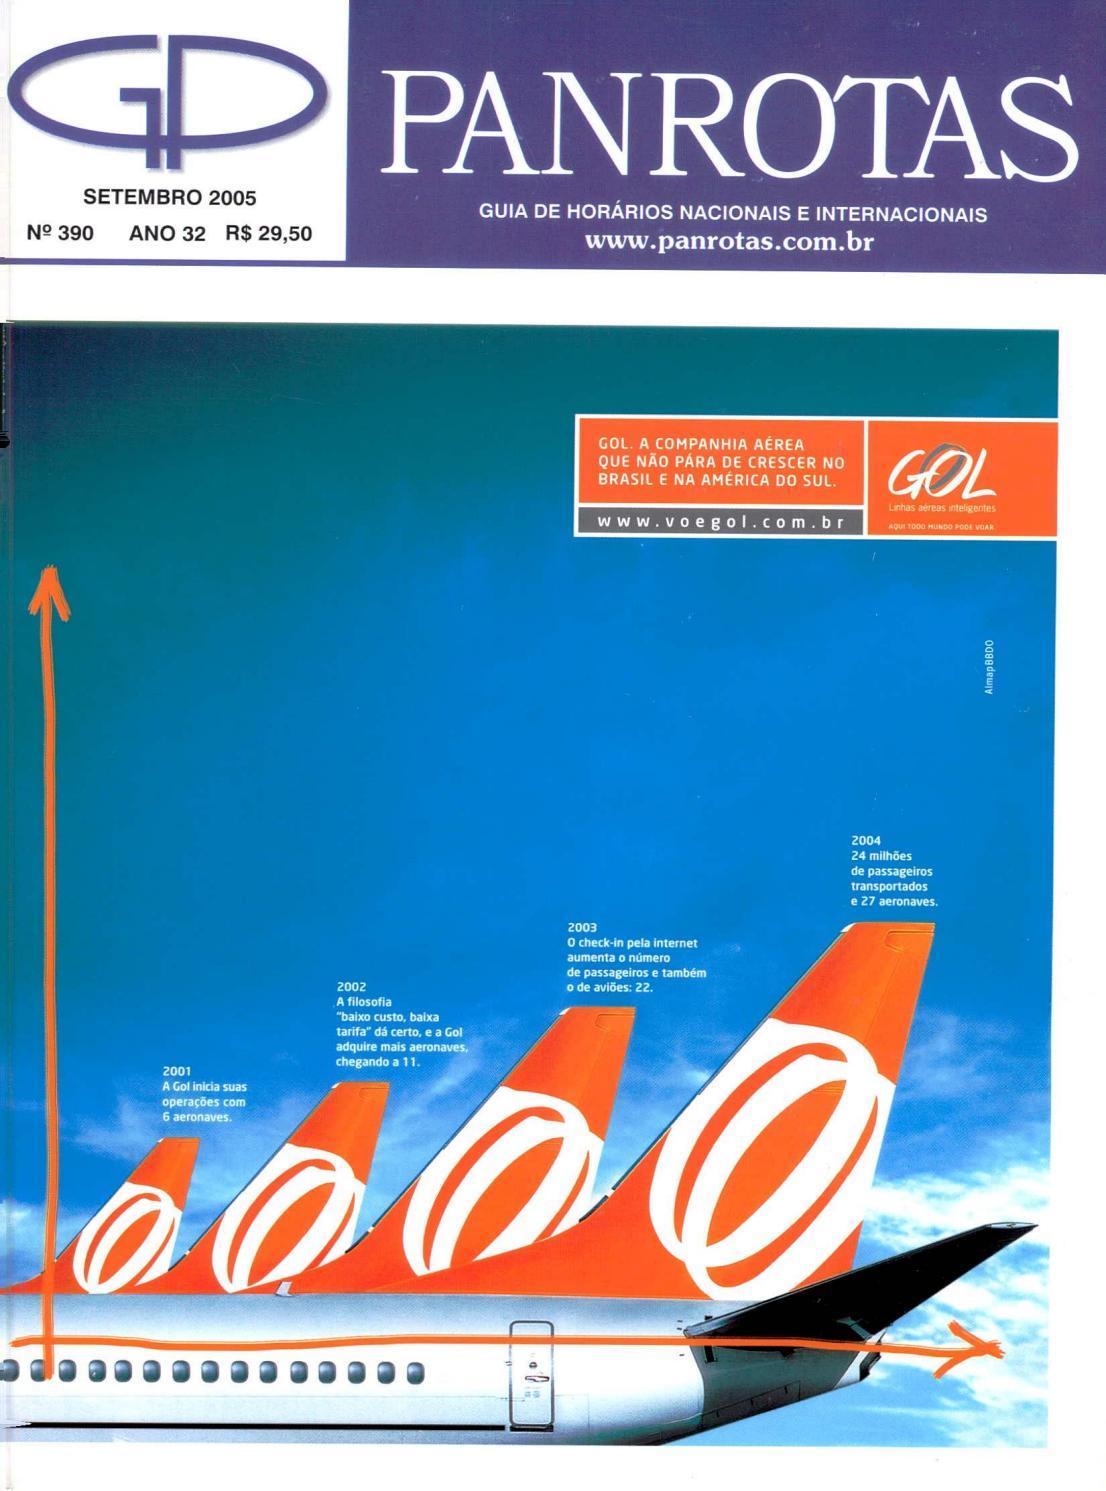 394a8de051 Guia PANROTAS - Edição 390 - Setembro 2005 by PANROTAS Editora - issuu